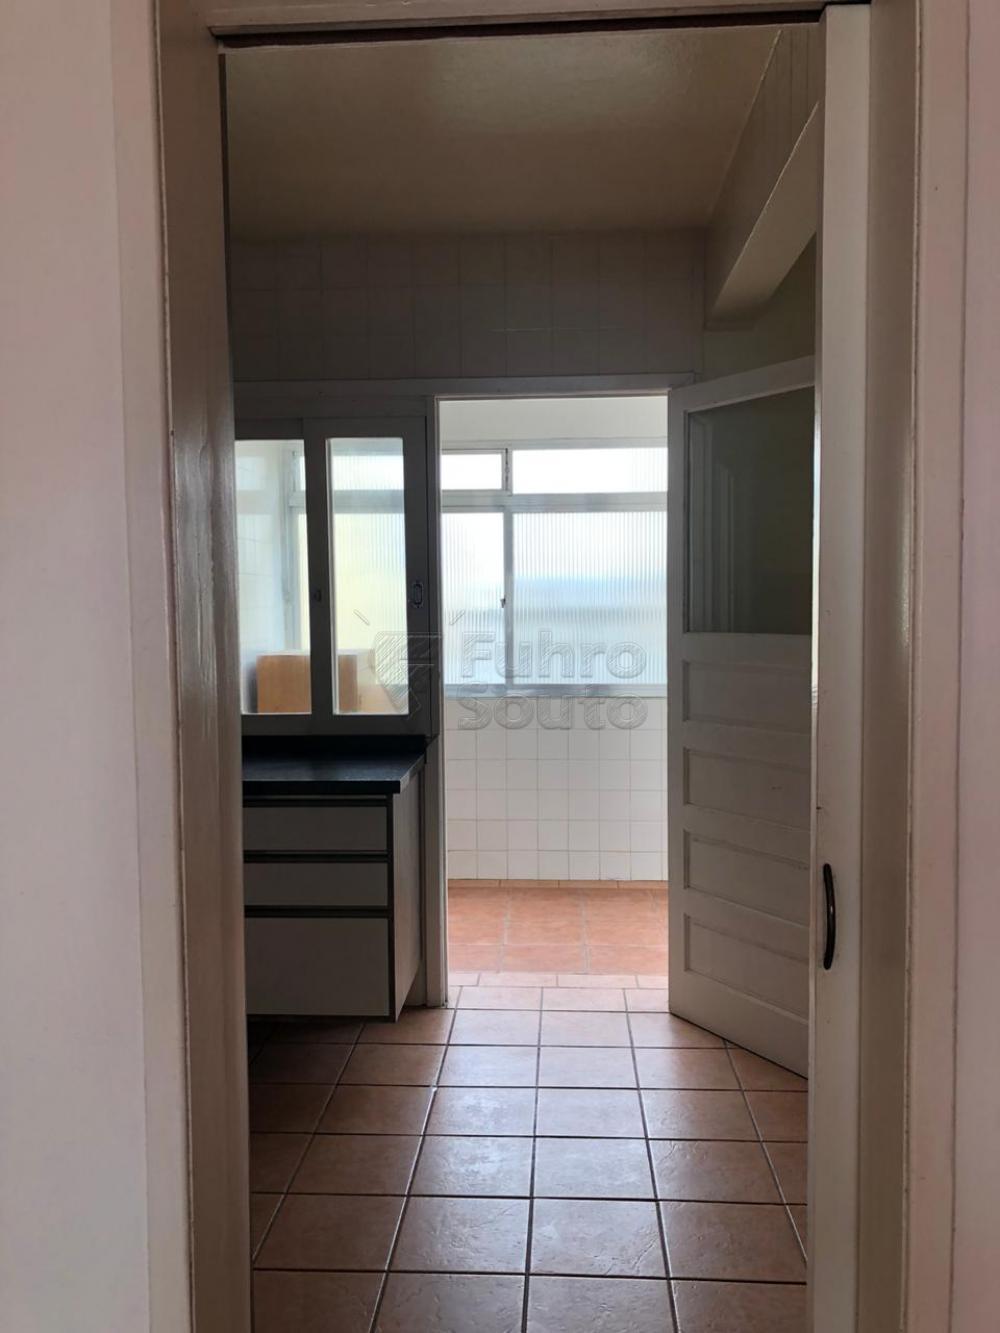 Comprar Apartamento / Padrão em Pelotas R$ 280.000,00 - Foto 8